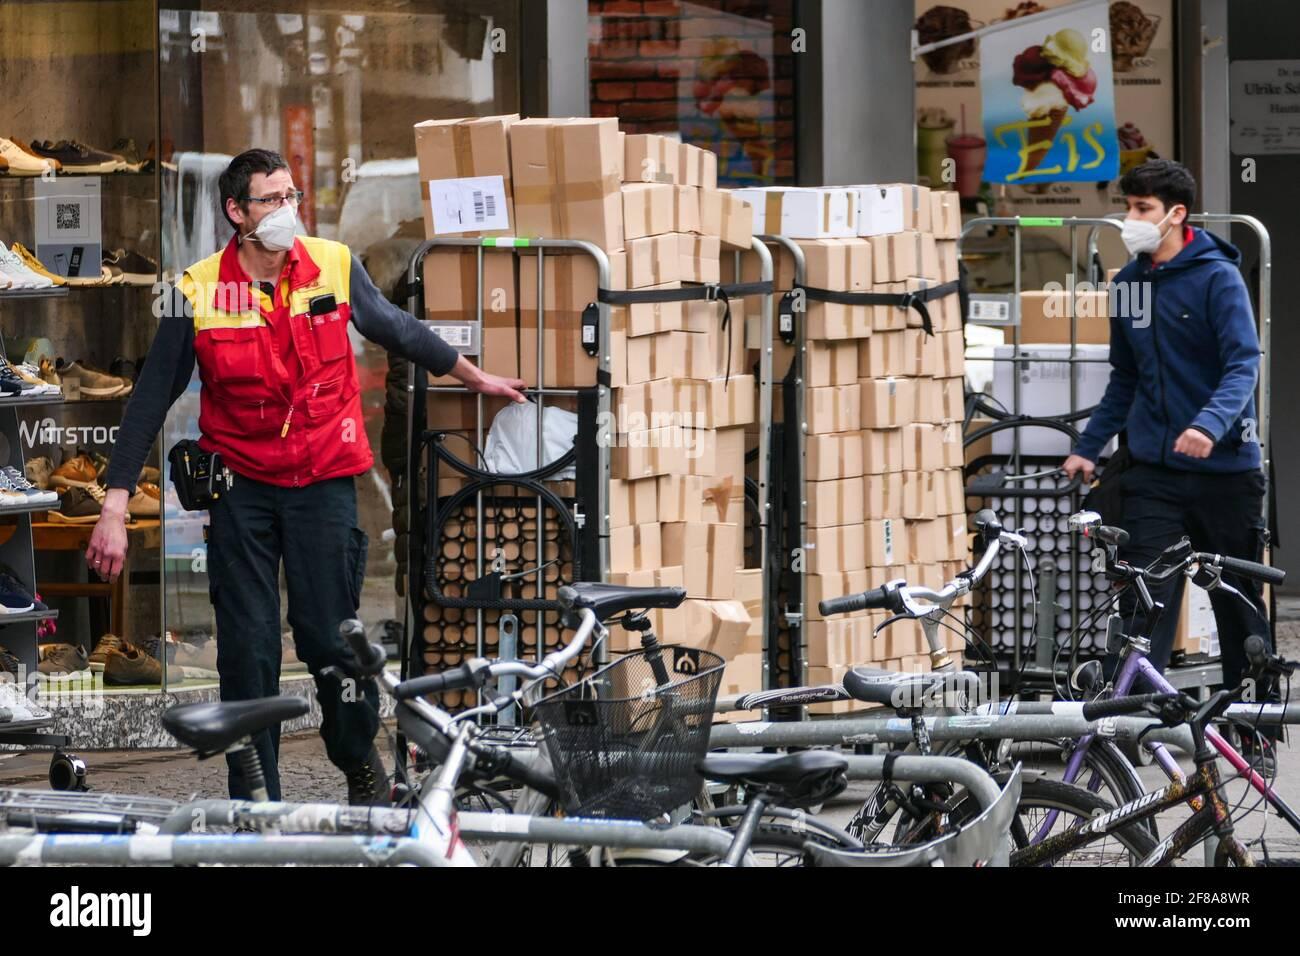 Berlino, Germania. 12 Aprile 2021. Un corriere che indossa una maschera facciale trasporta i pacchetti a Berlino, capitale della Germania, il 12 aprile 2021. Più di tre milioni di infezioni COVID-19 sono state registrate in Germania lunedì dallo scoppio della pandemia, secondo il Robert Koch Institute (RKI). Credit: Stefan Zeitz/Xinhua/Alamy Live News Foto Stock